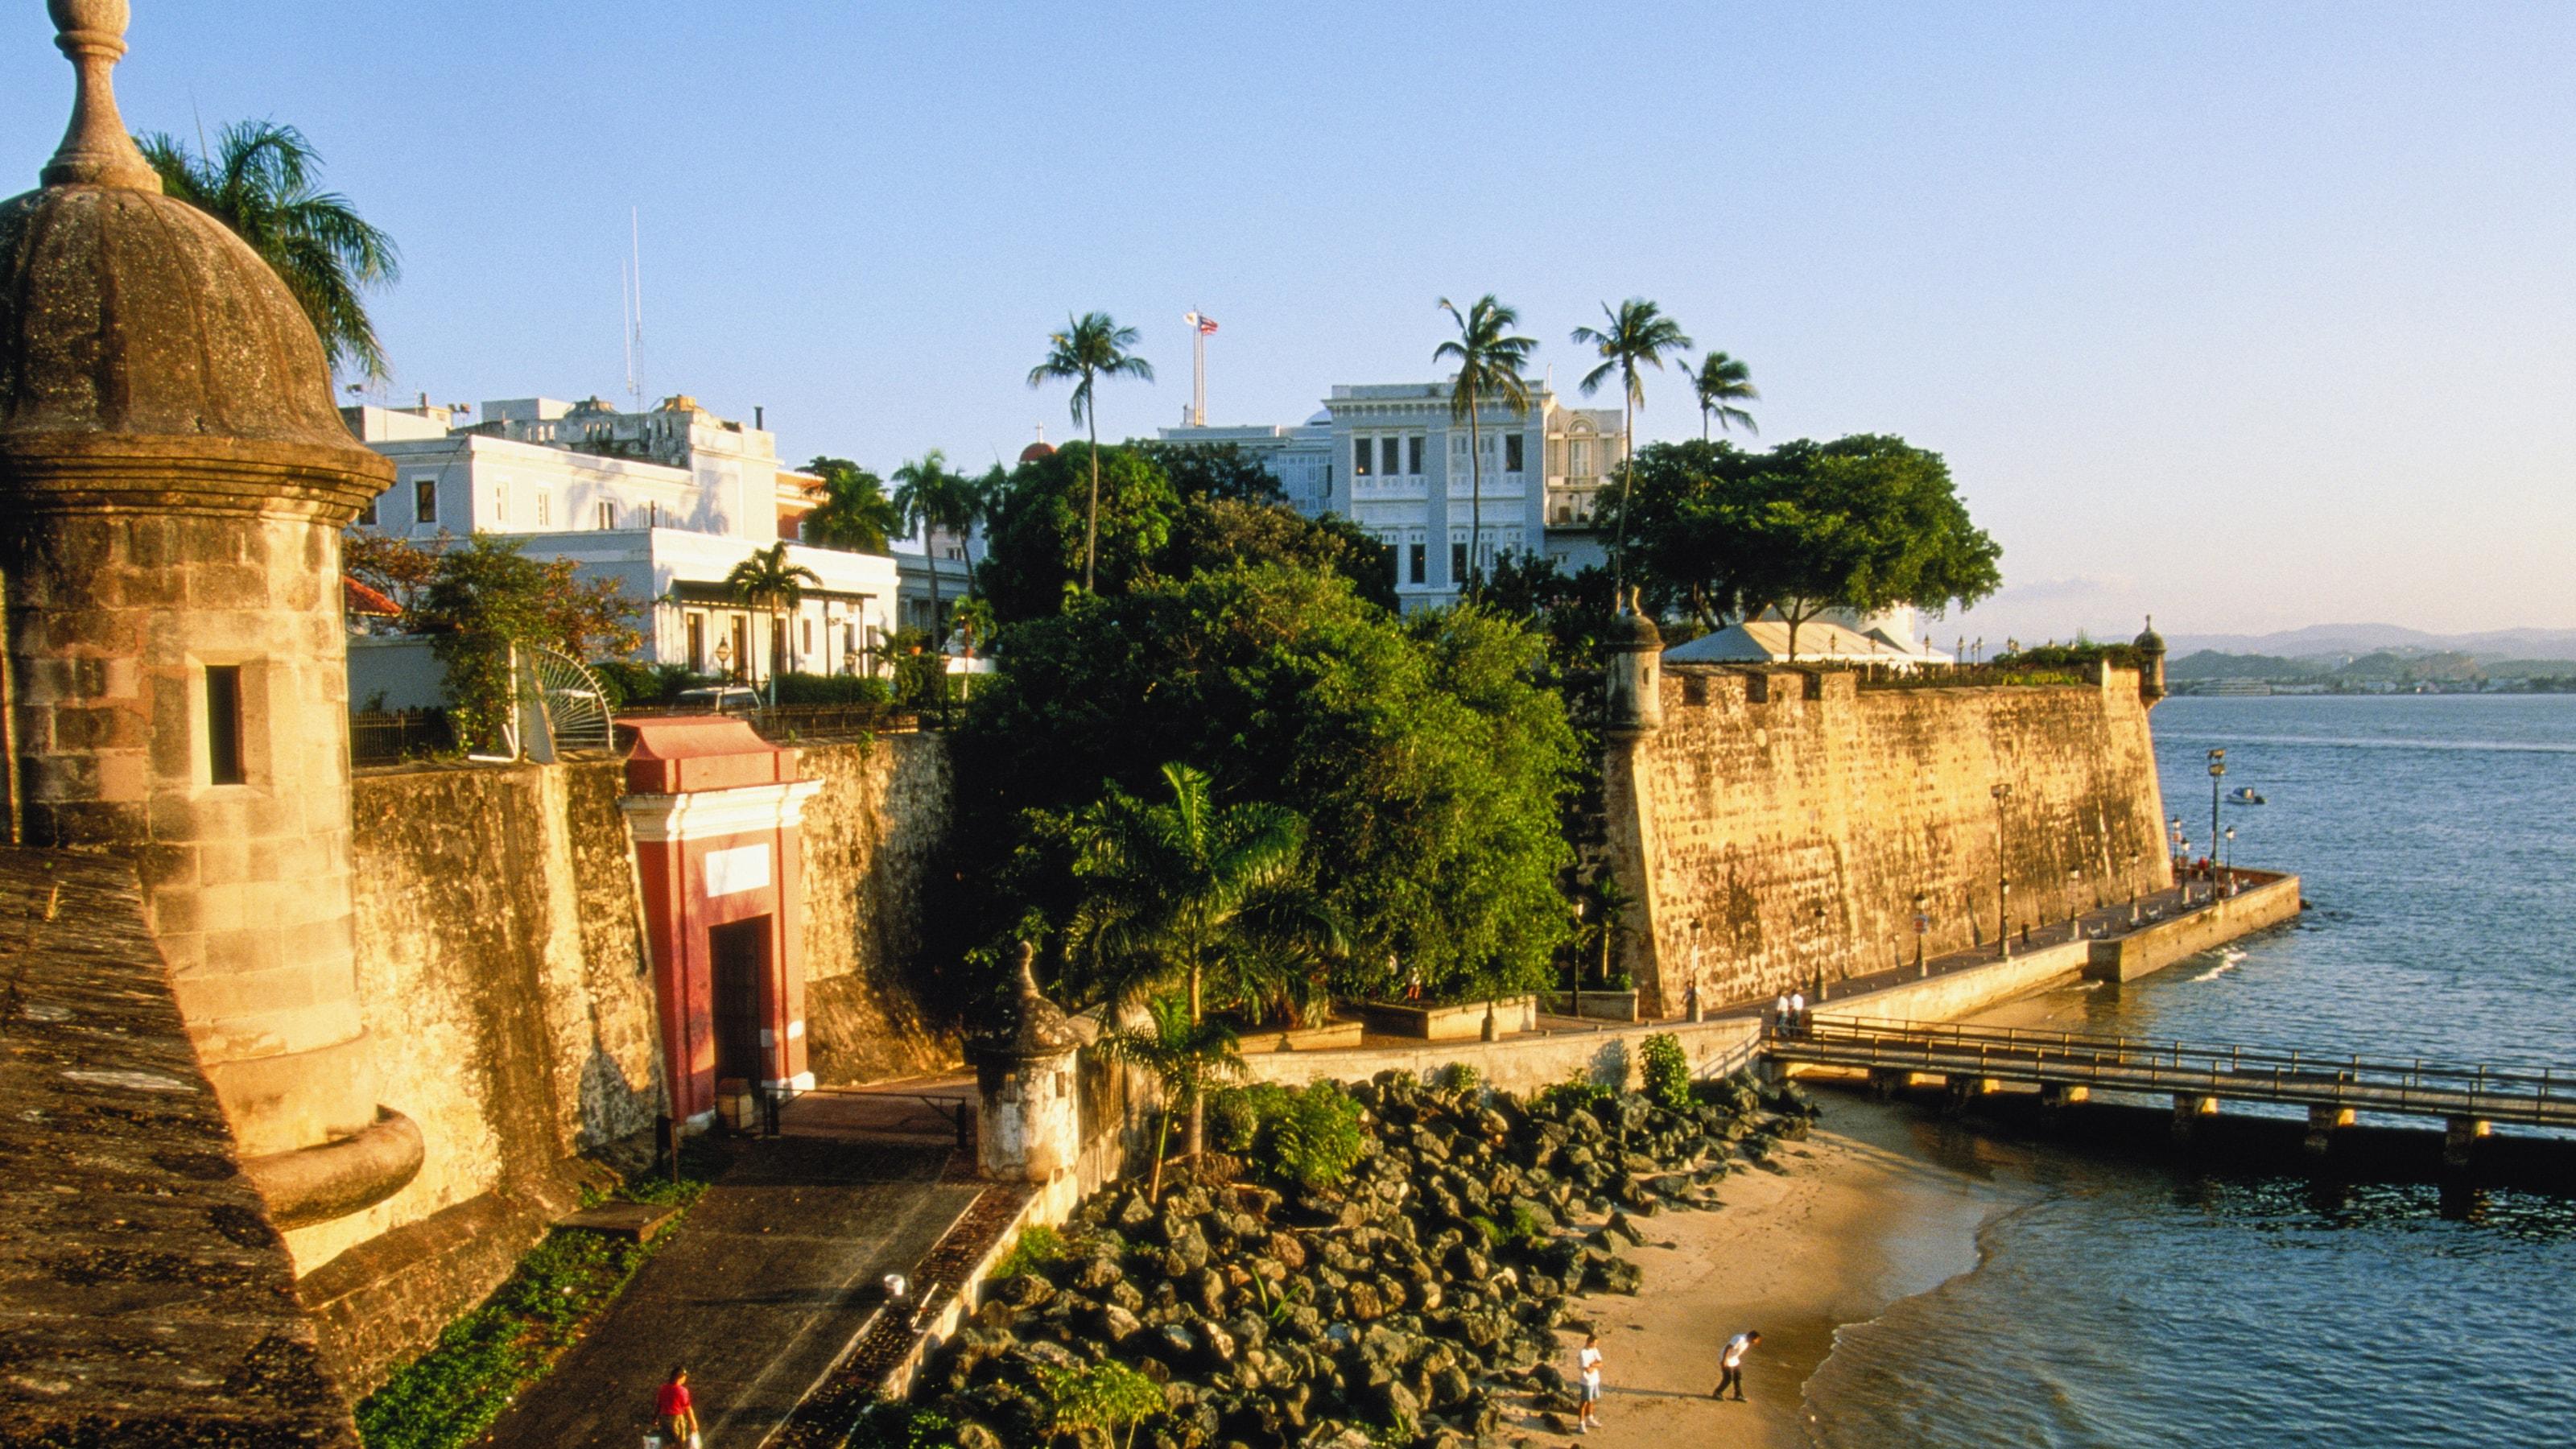 Des gens marchent le long des bâtiments et des murs du 17esiècle qui entourent la baie de San Juan